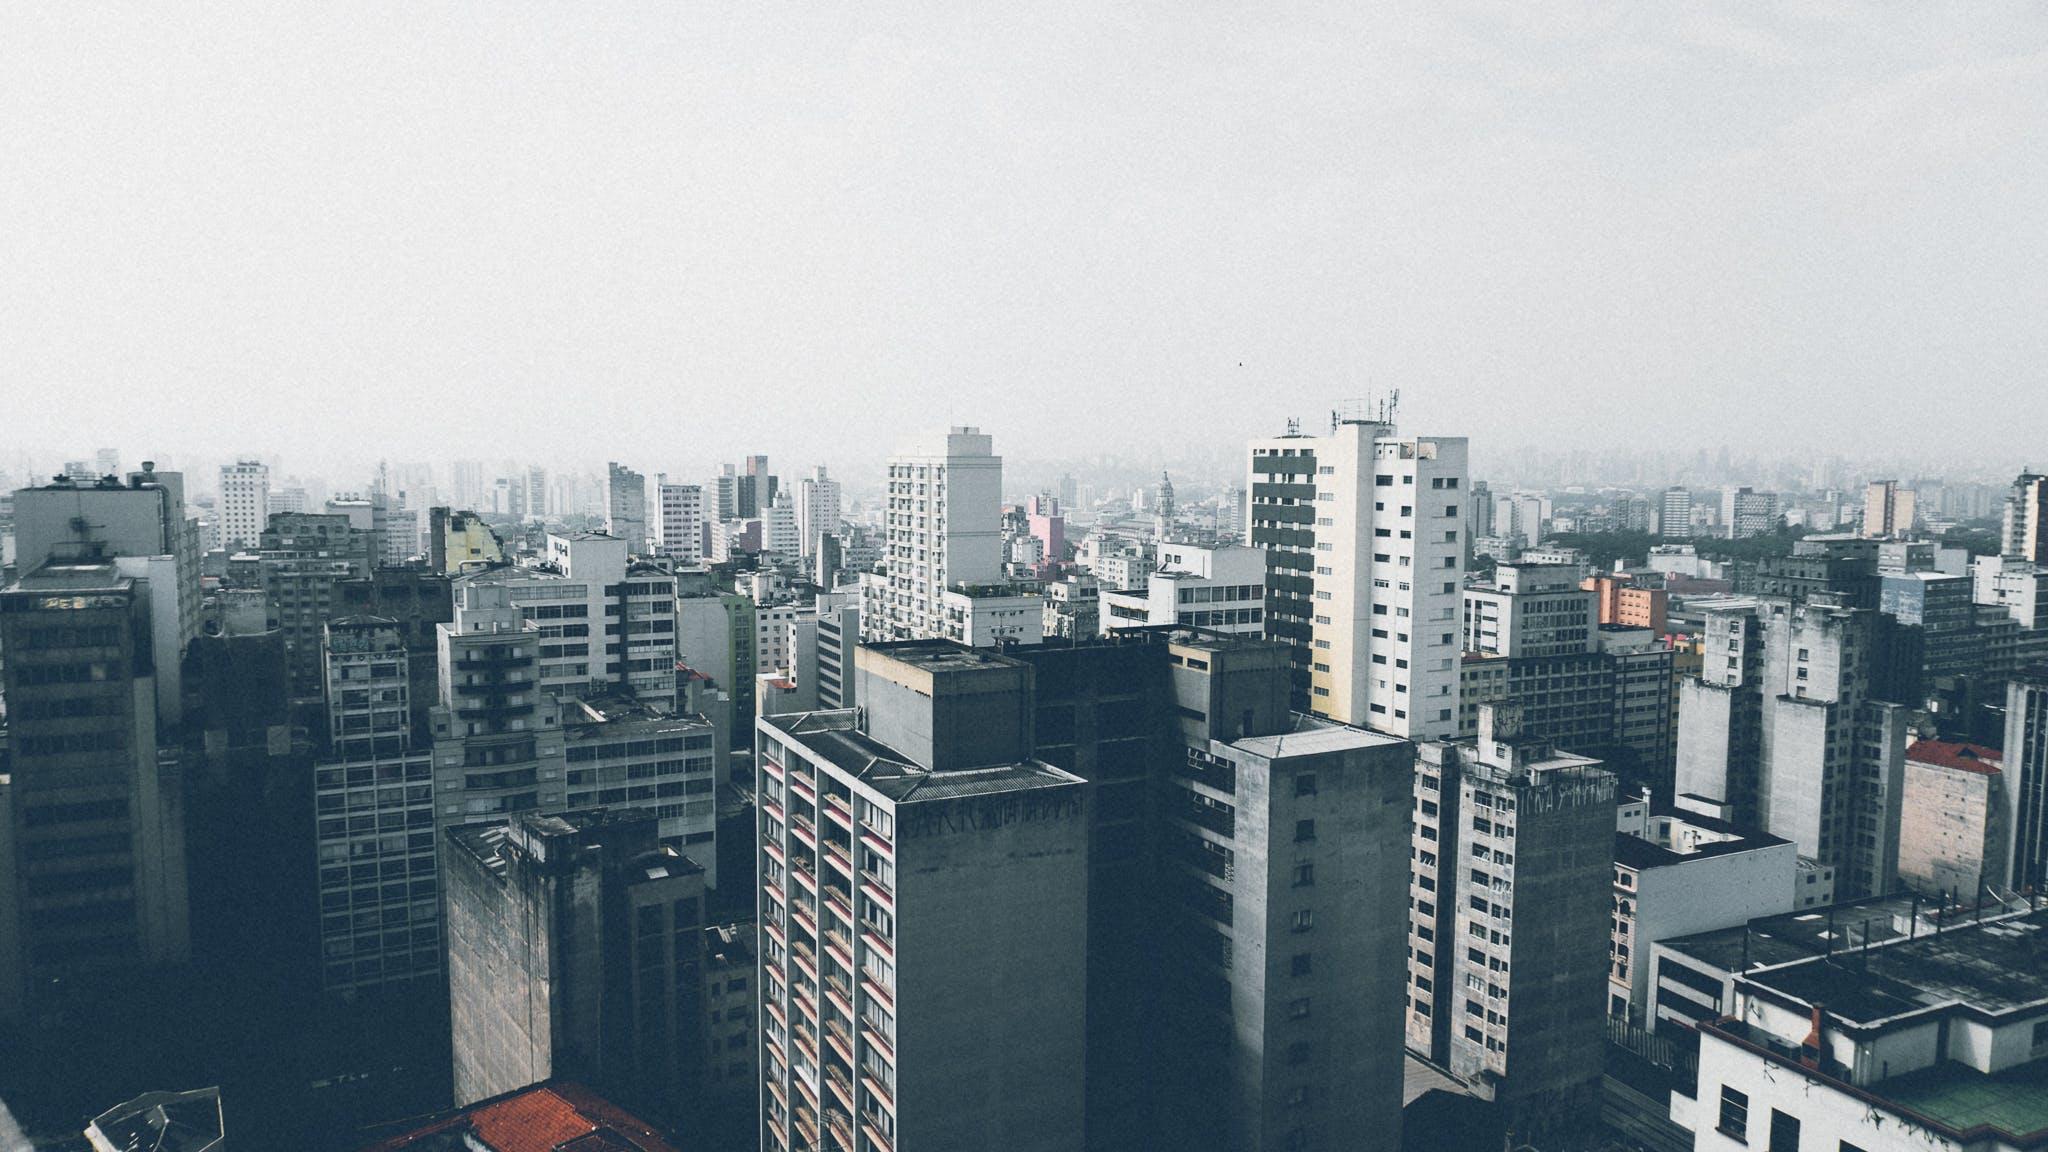 Kostenloses Stock Foto zu architektur, architekturdesign, draußen, fenster